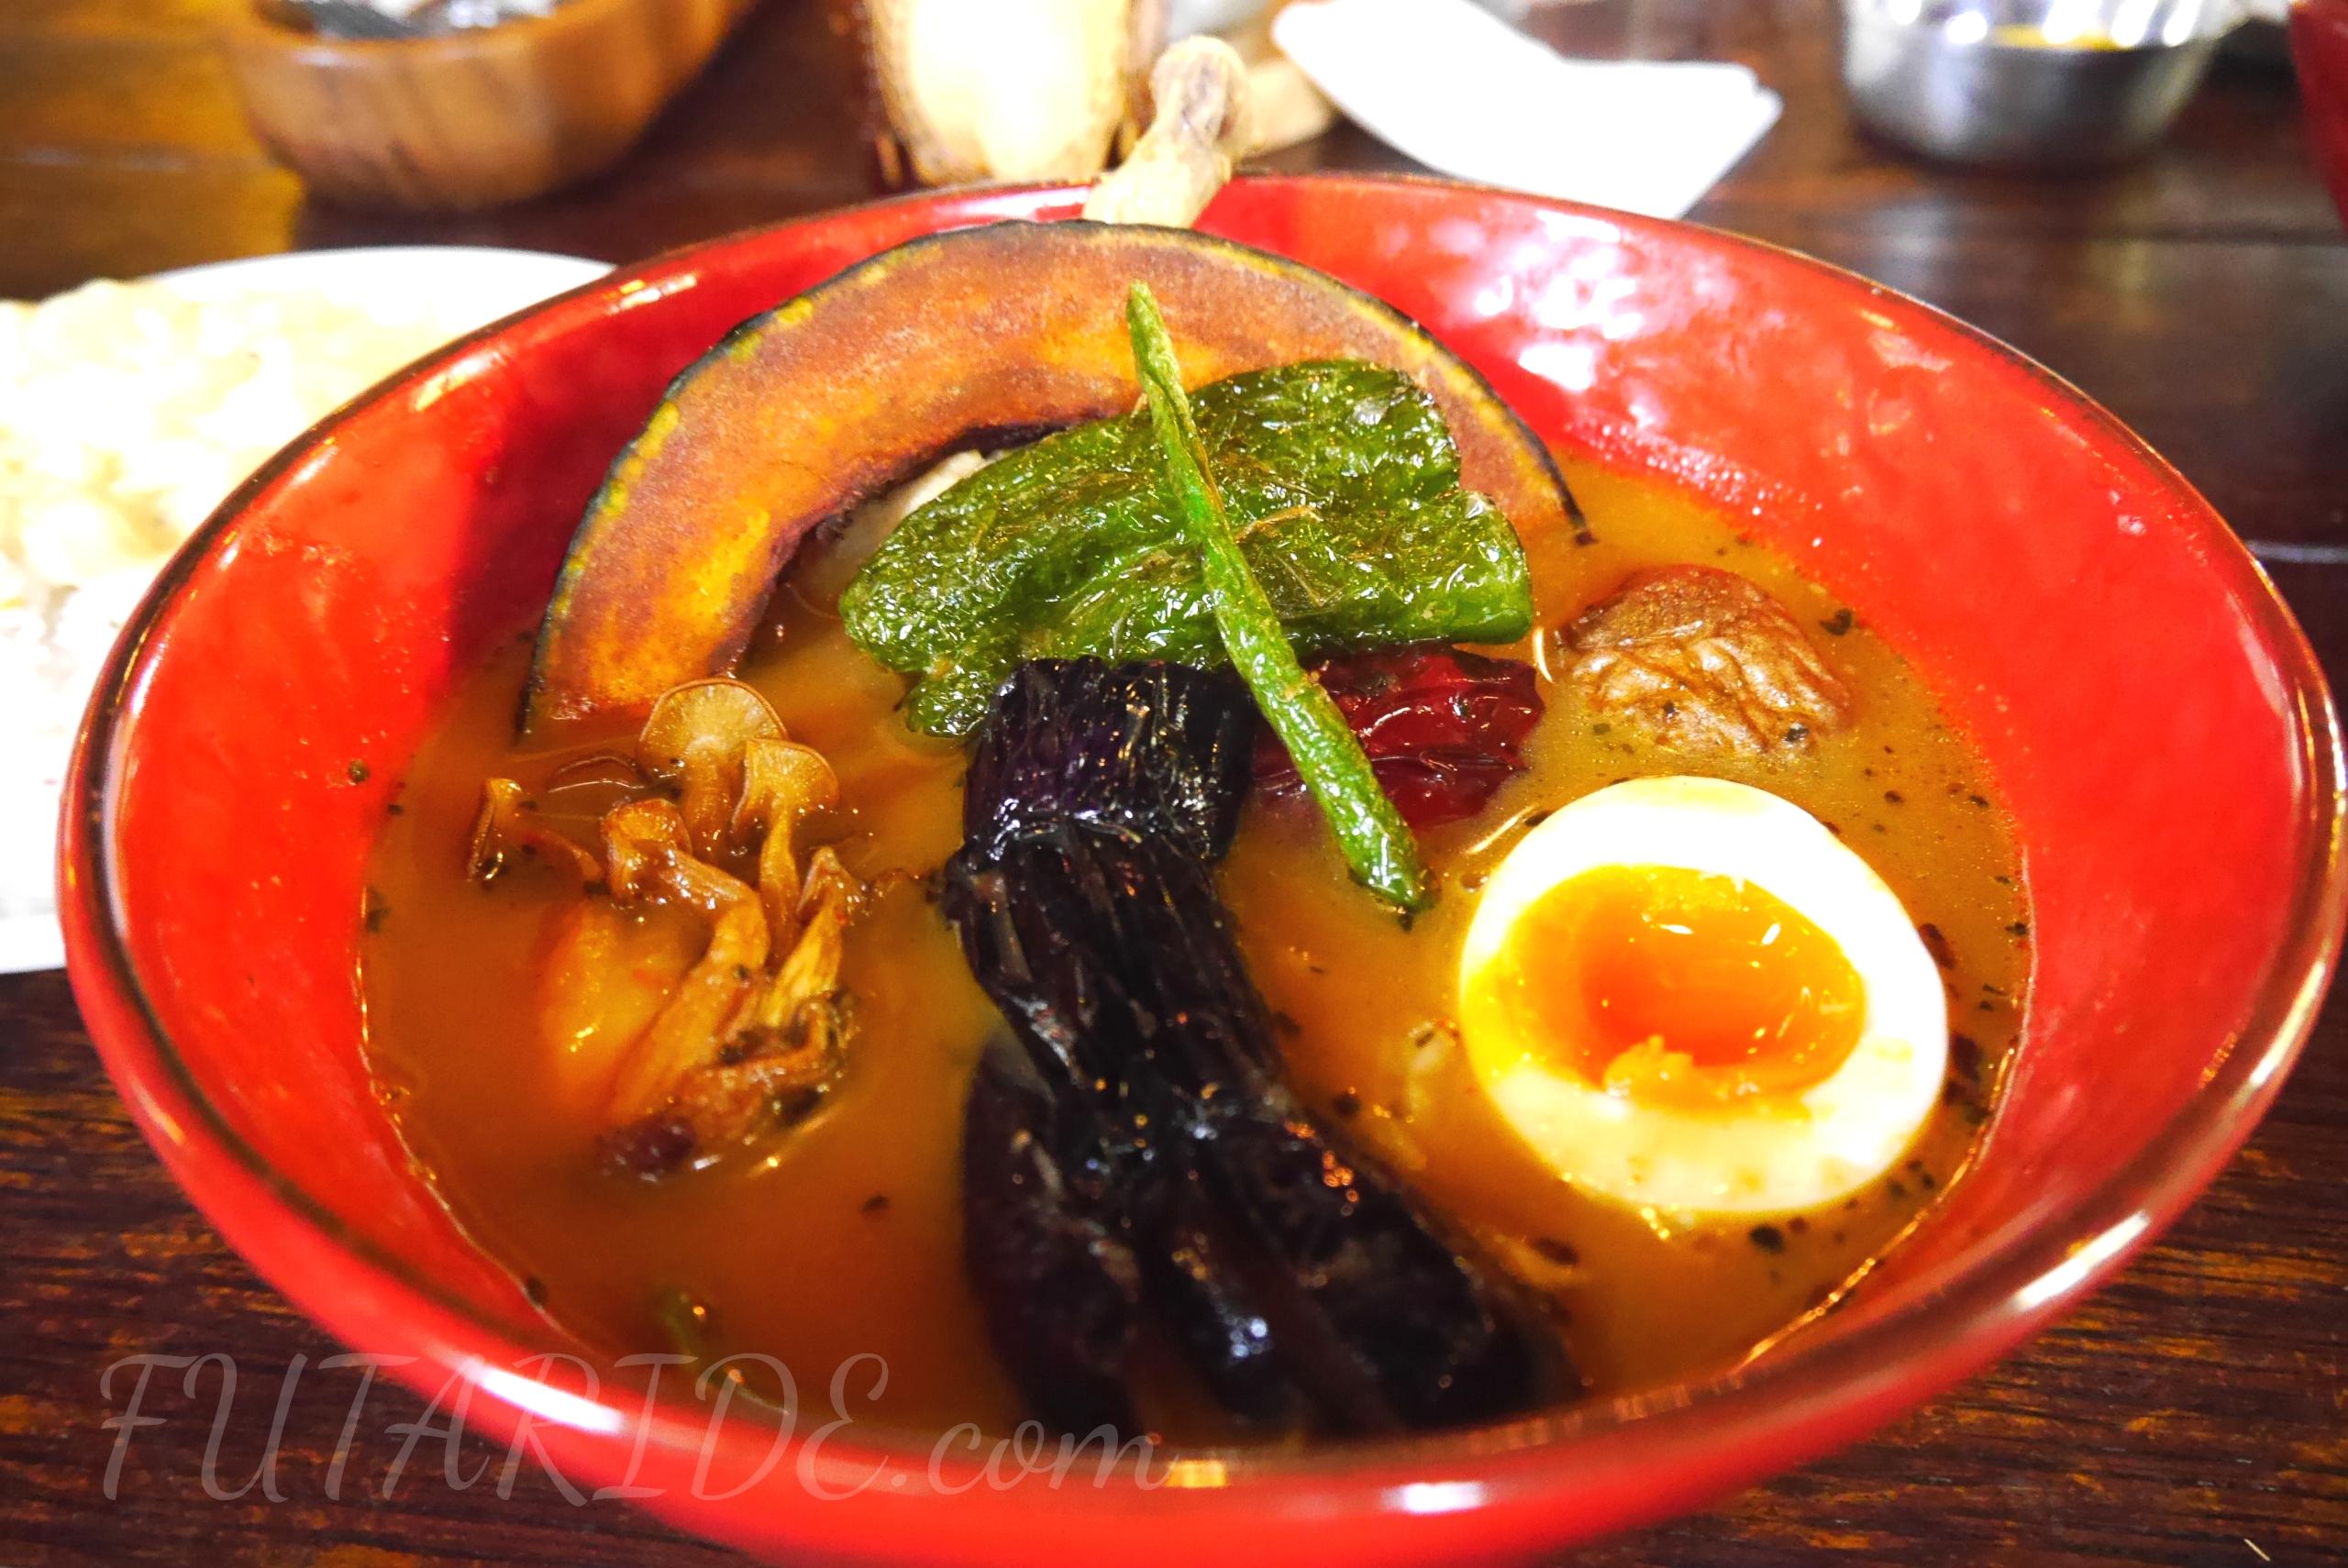 【KOKOPELLI】超人気店の絶品スープカレー!お洒落な雰囲気でデートにもおすすめ【一宮市】